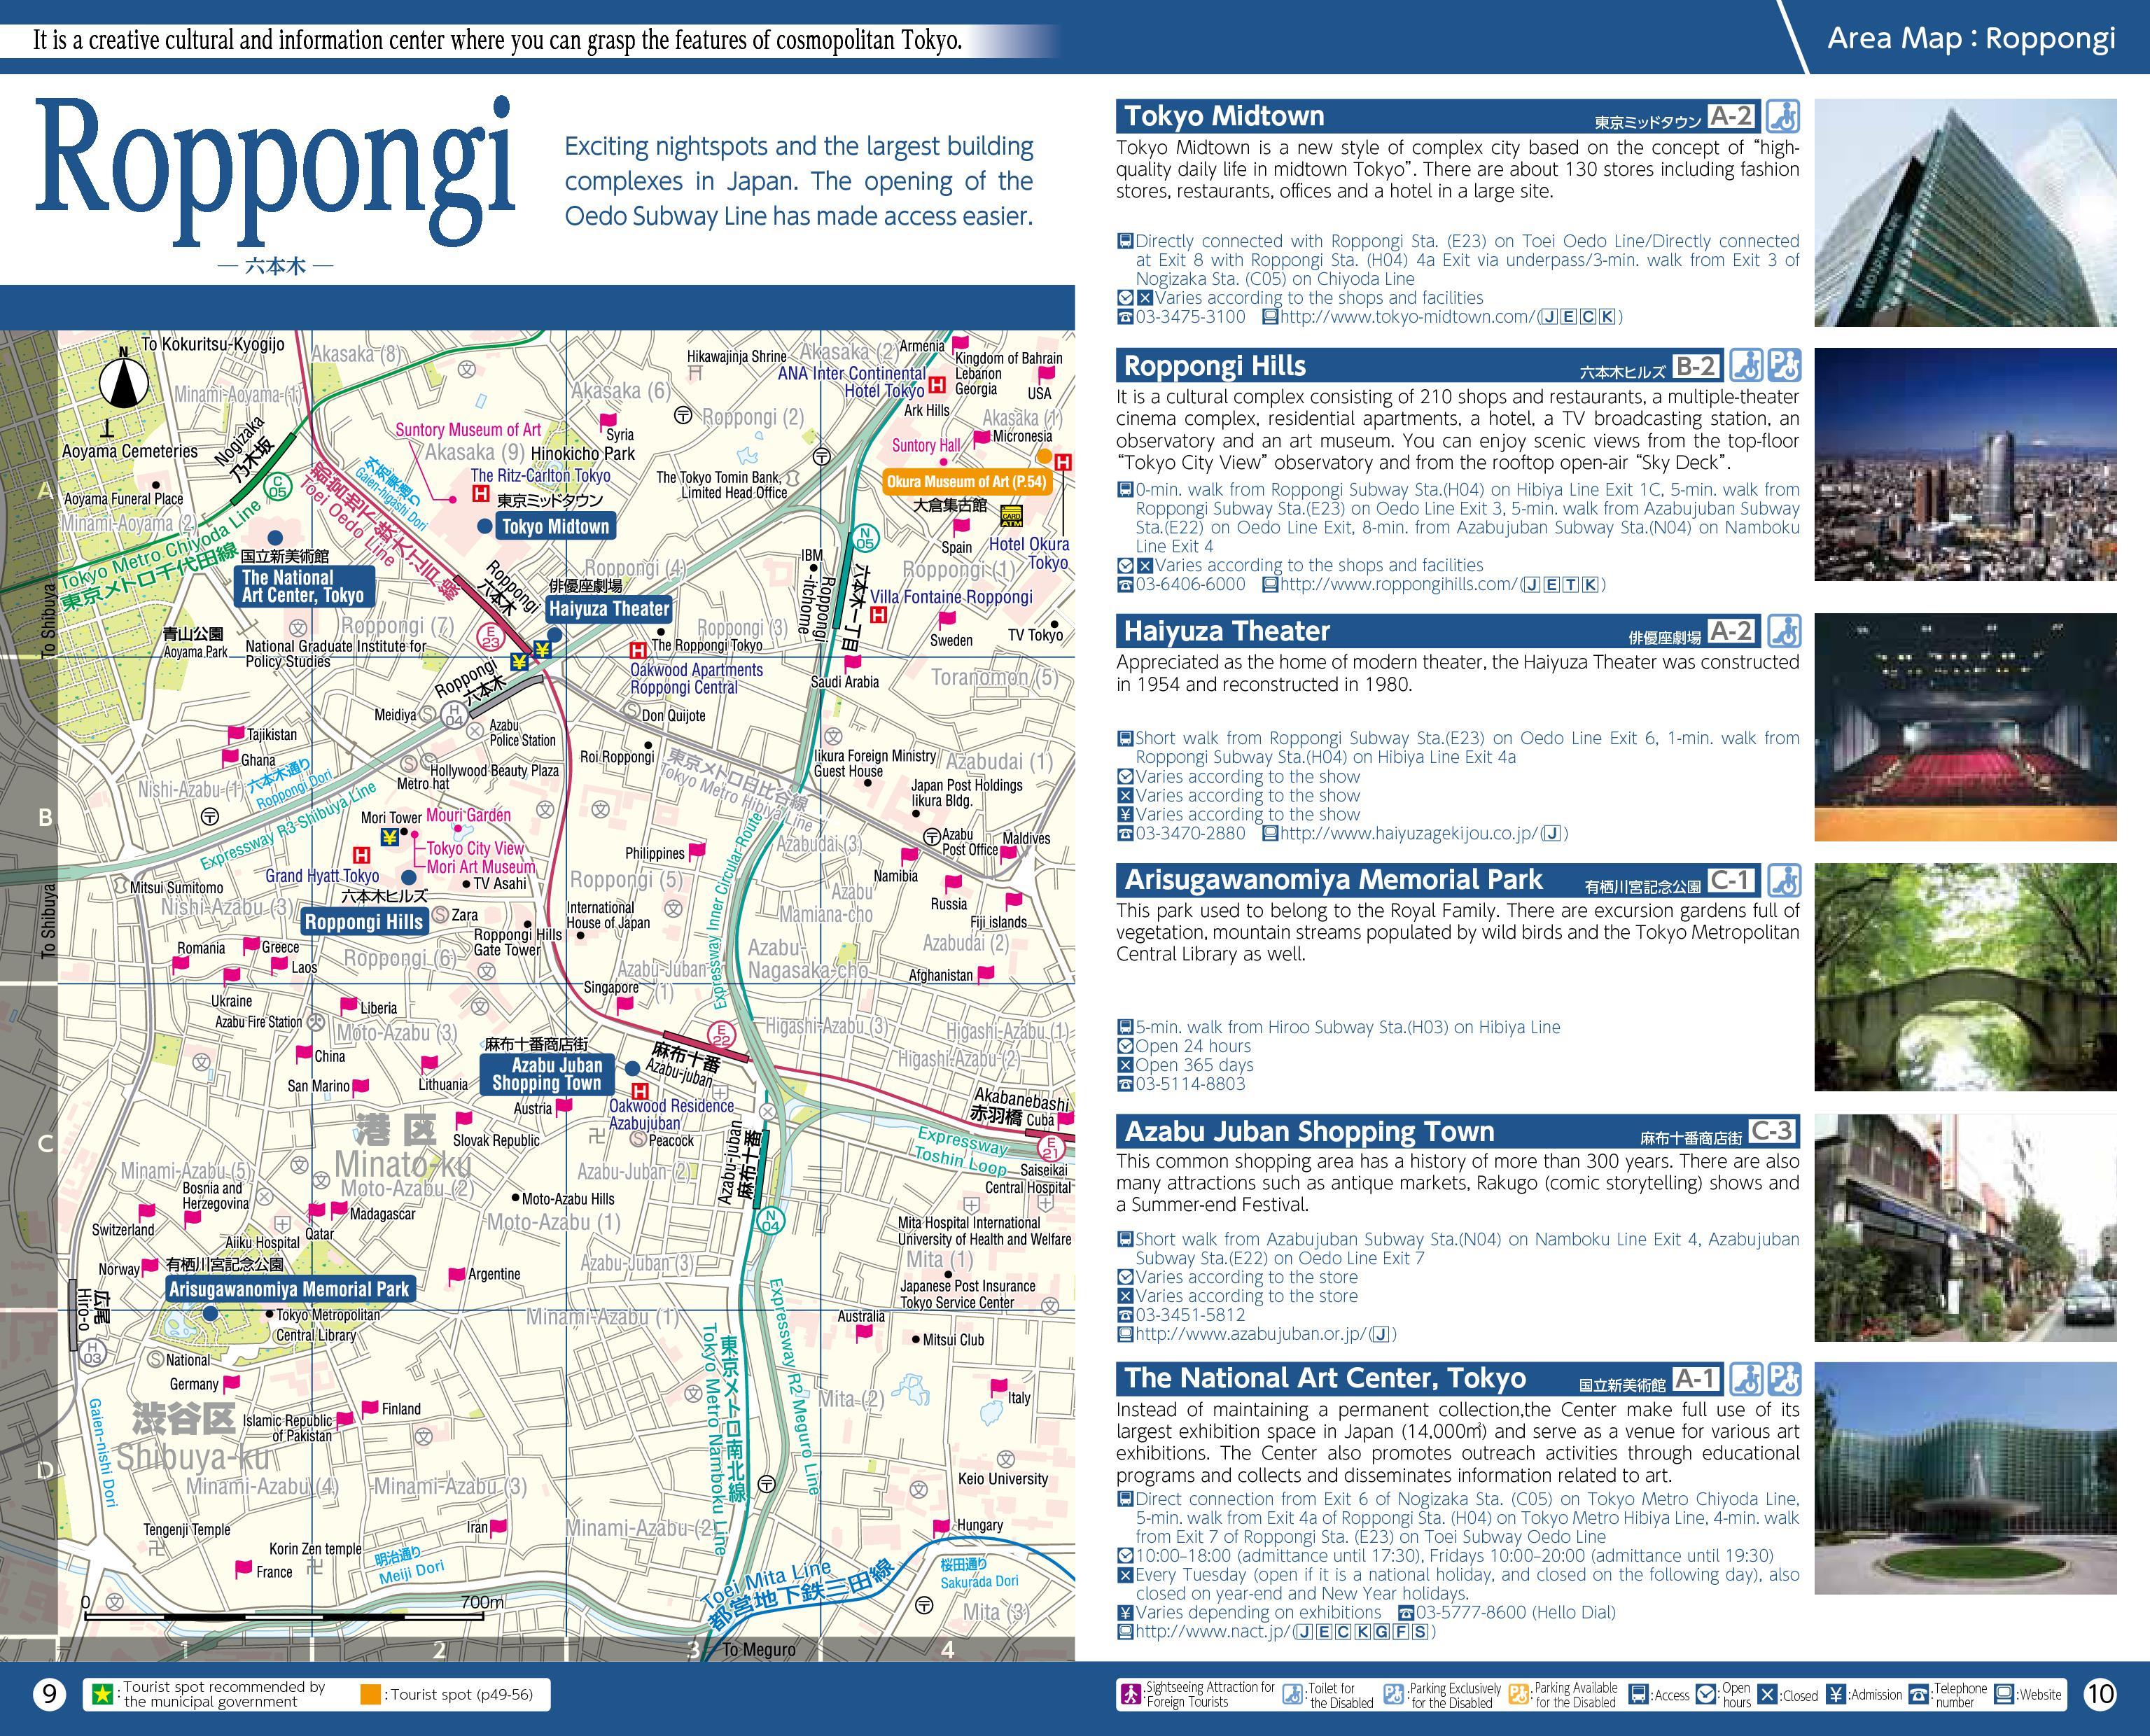 Roppongi map